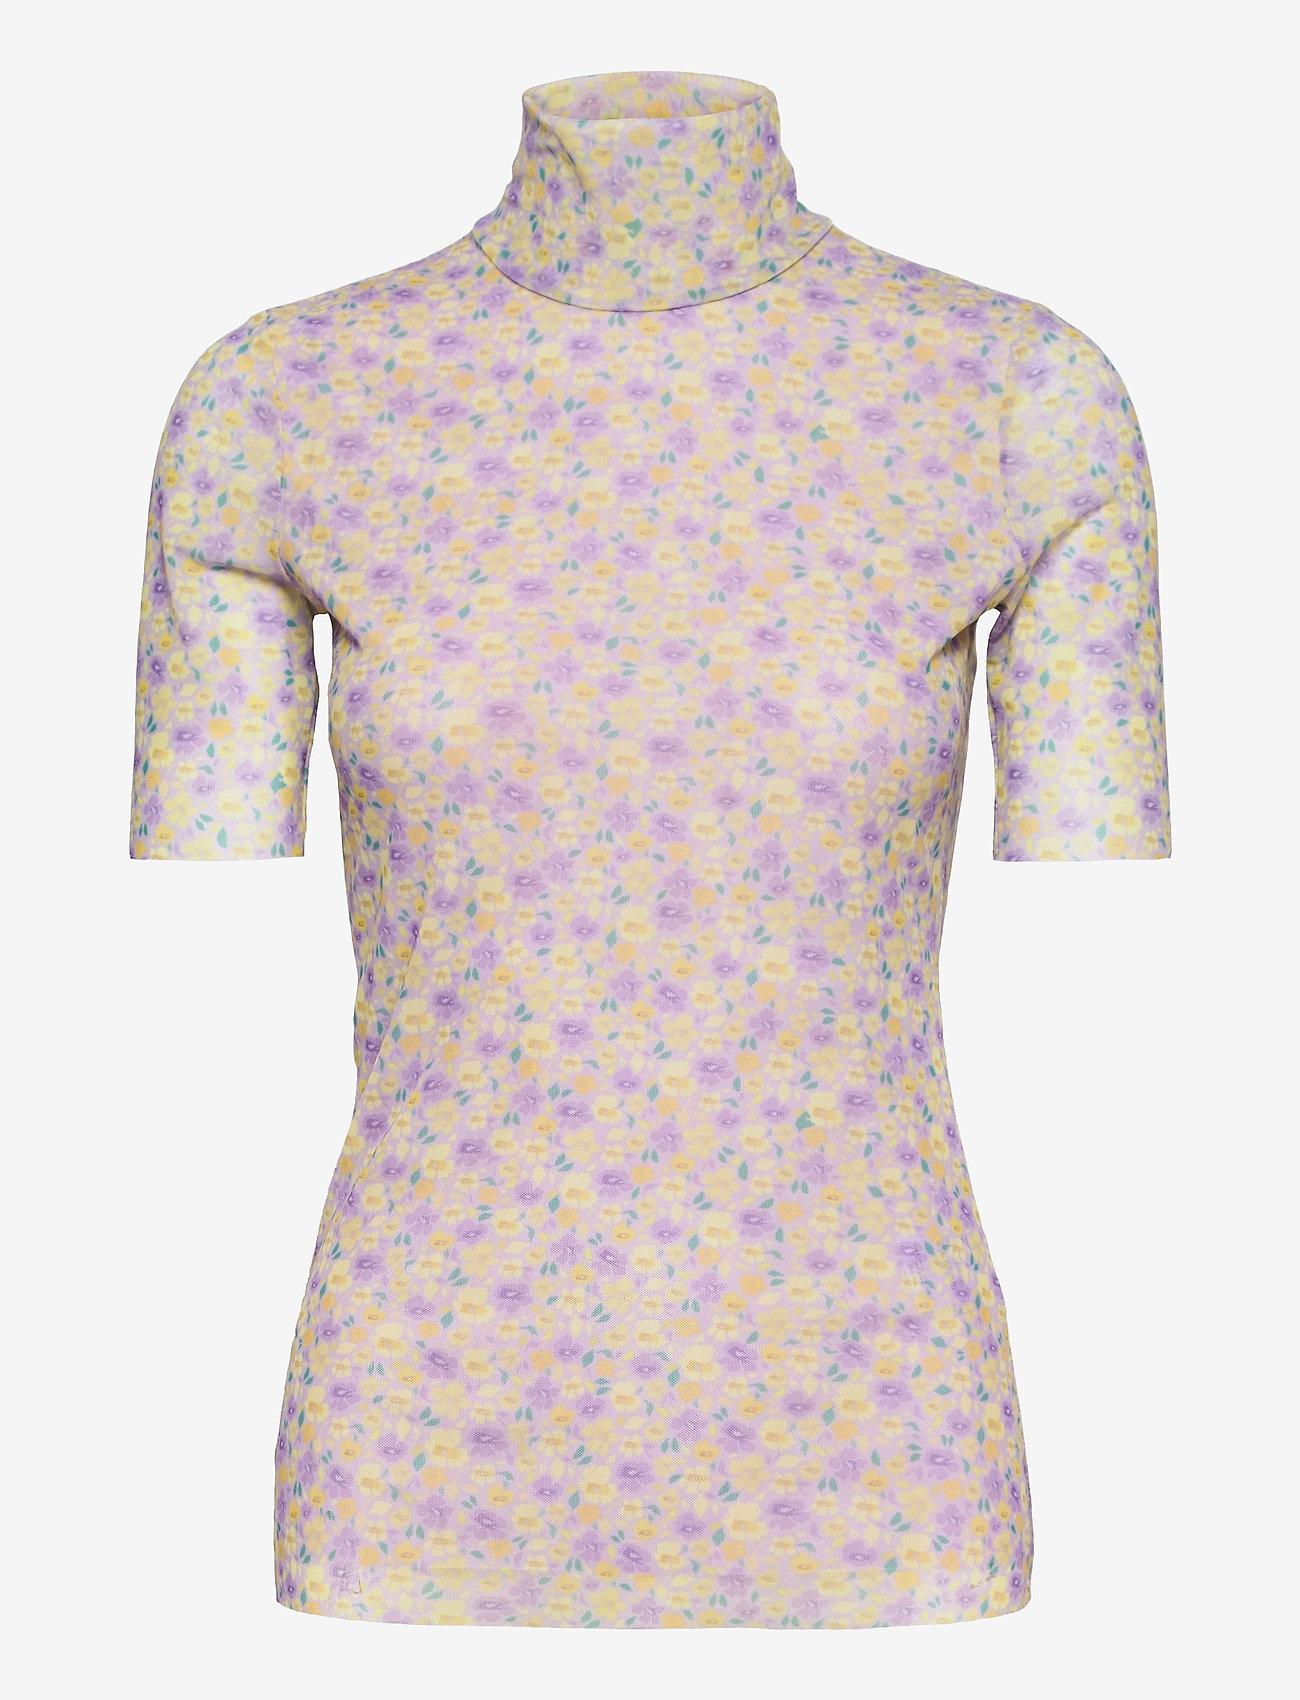 Baum und Pferdgarten - JILIANNE - t-shirts - grey ditzy floral - 0